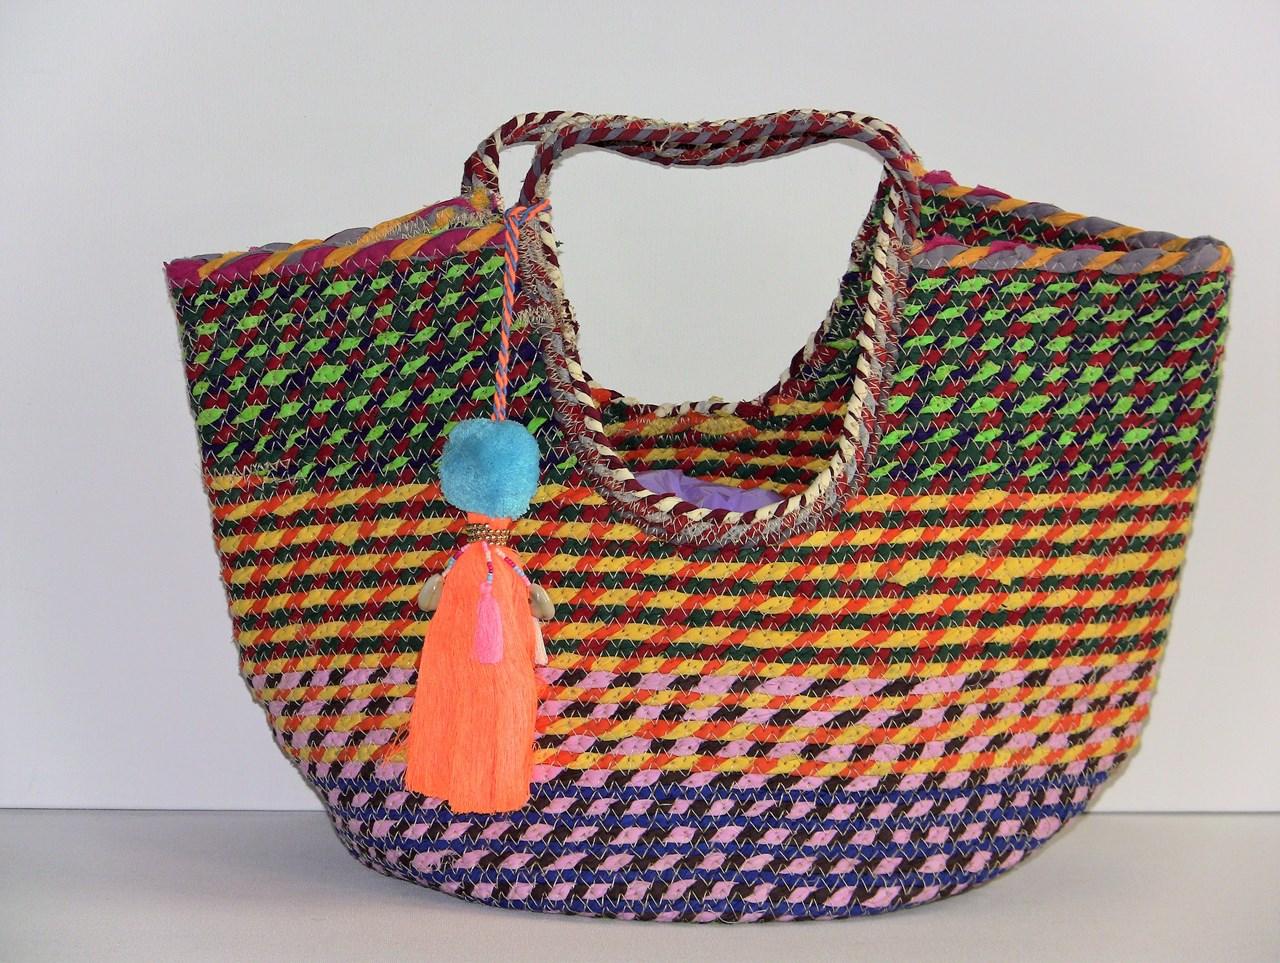 33e2e774323 gevlochten tas multi color van Miss Terre bij ELITAZ